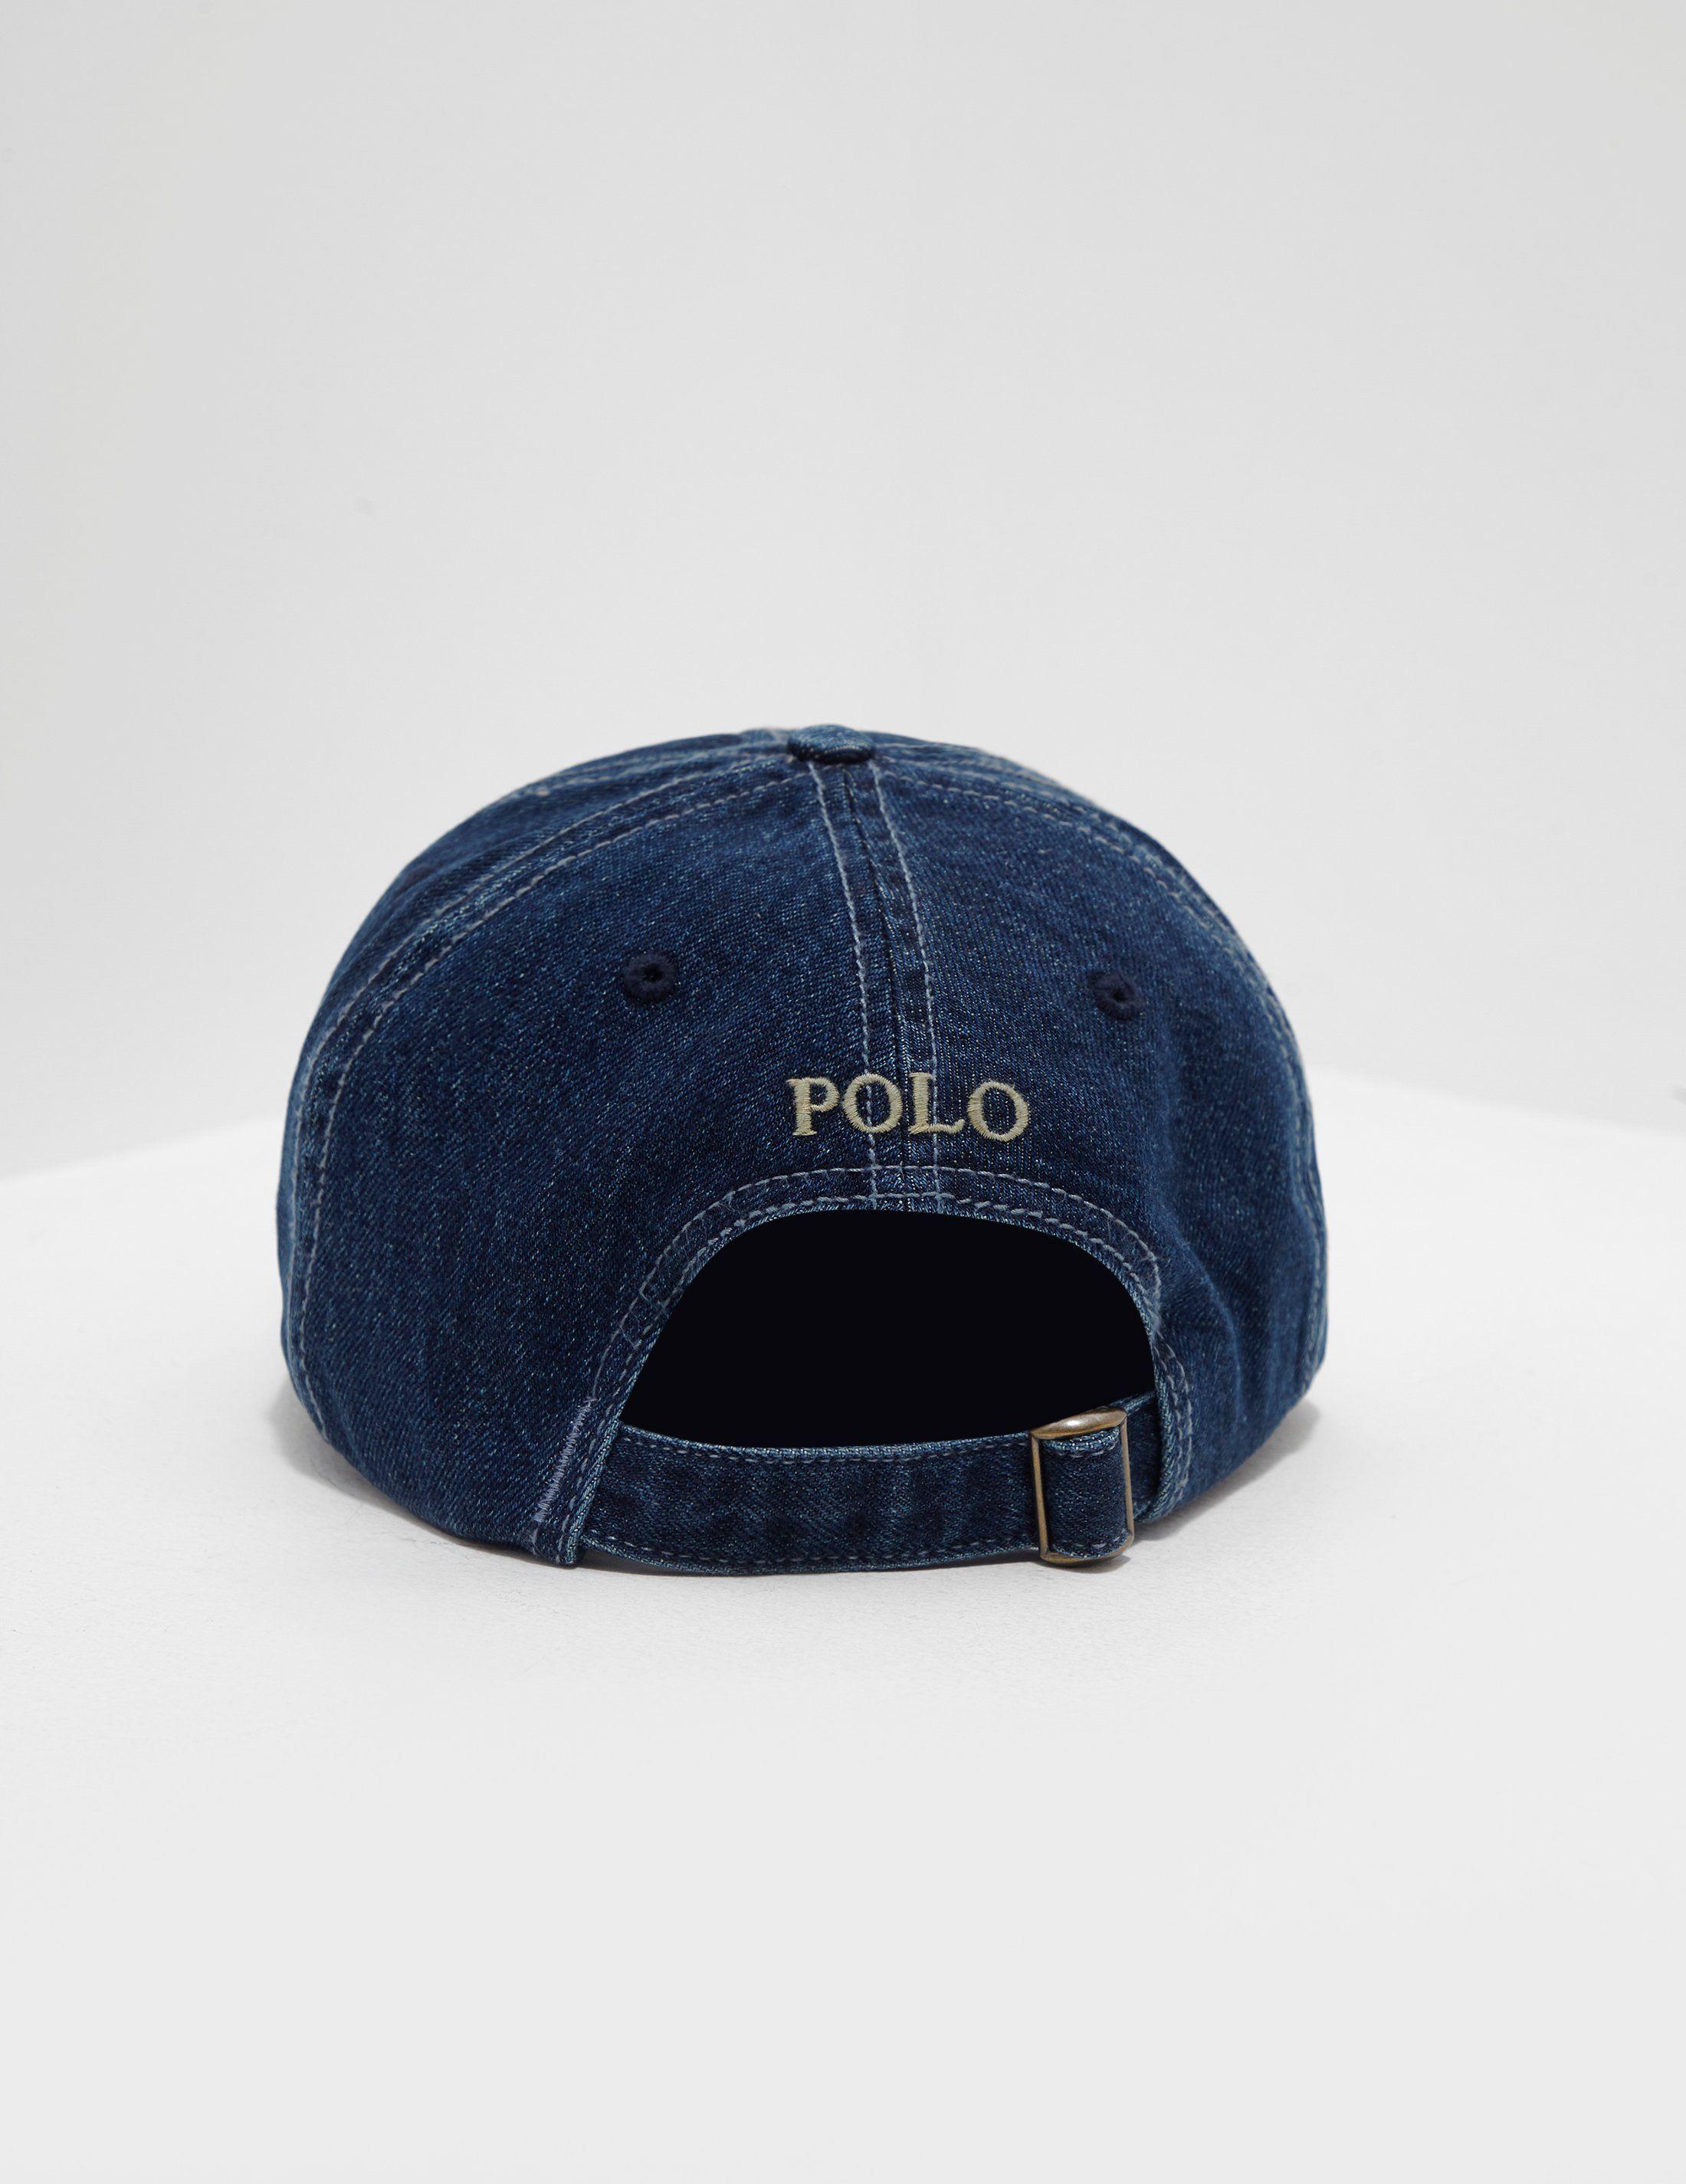 Polo Ralph Lauren Denim Pony Cap